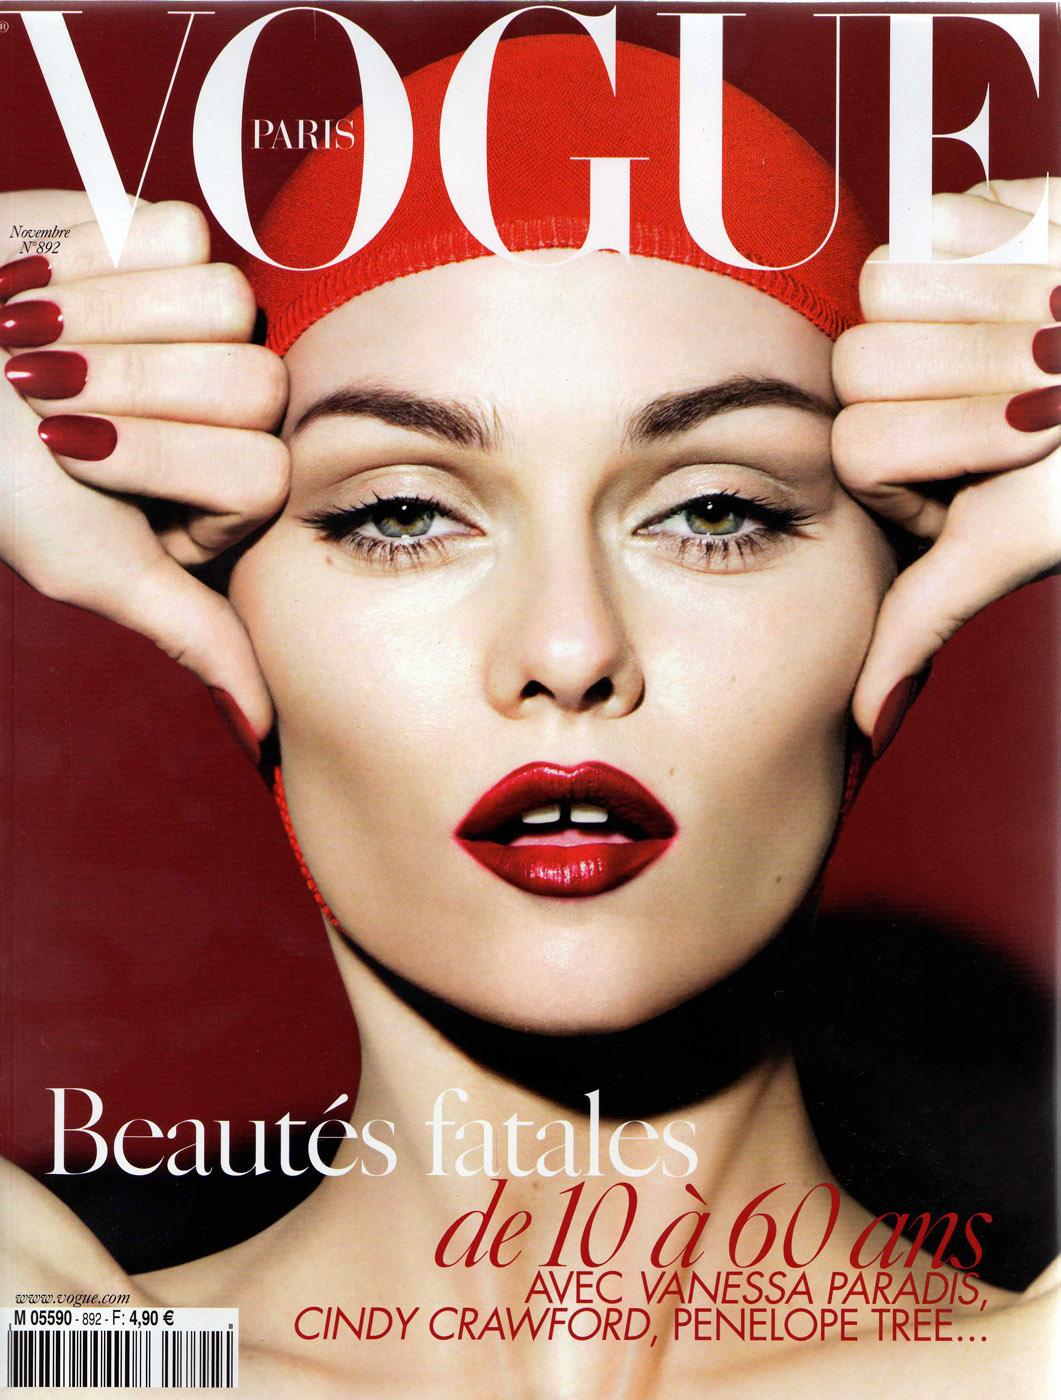 Vogue Magazine Uk May 2015 Issue: November 08′ Magazine Covers